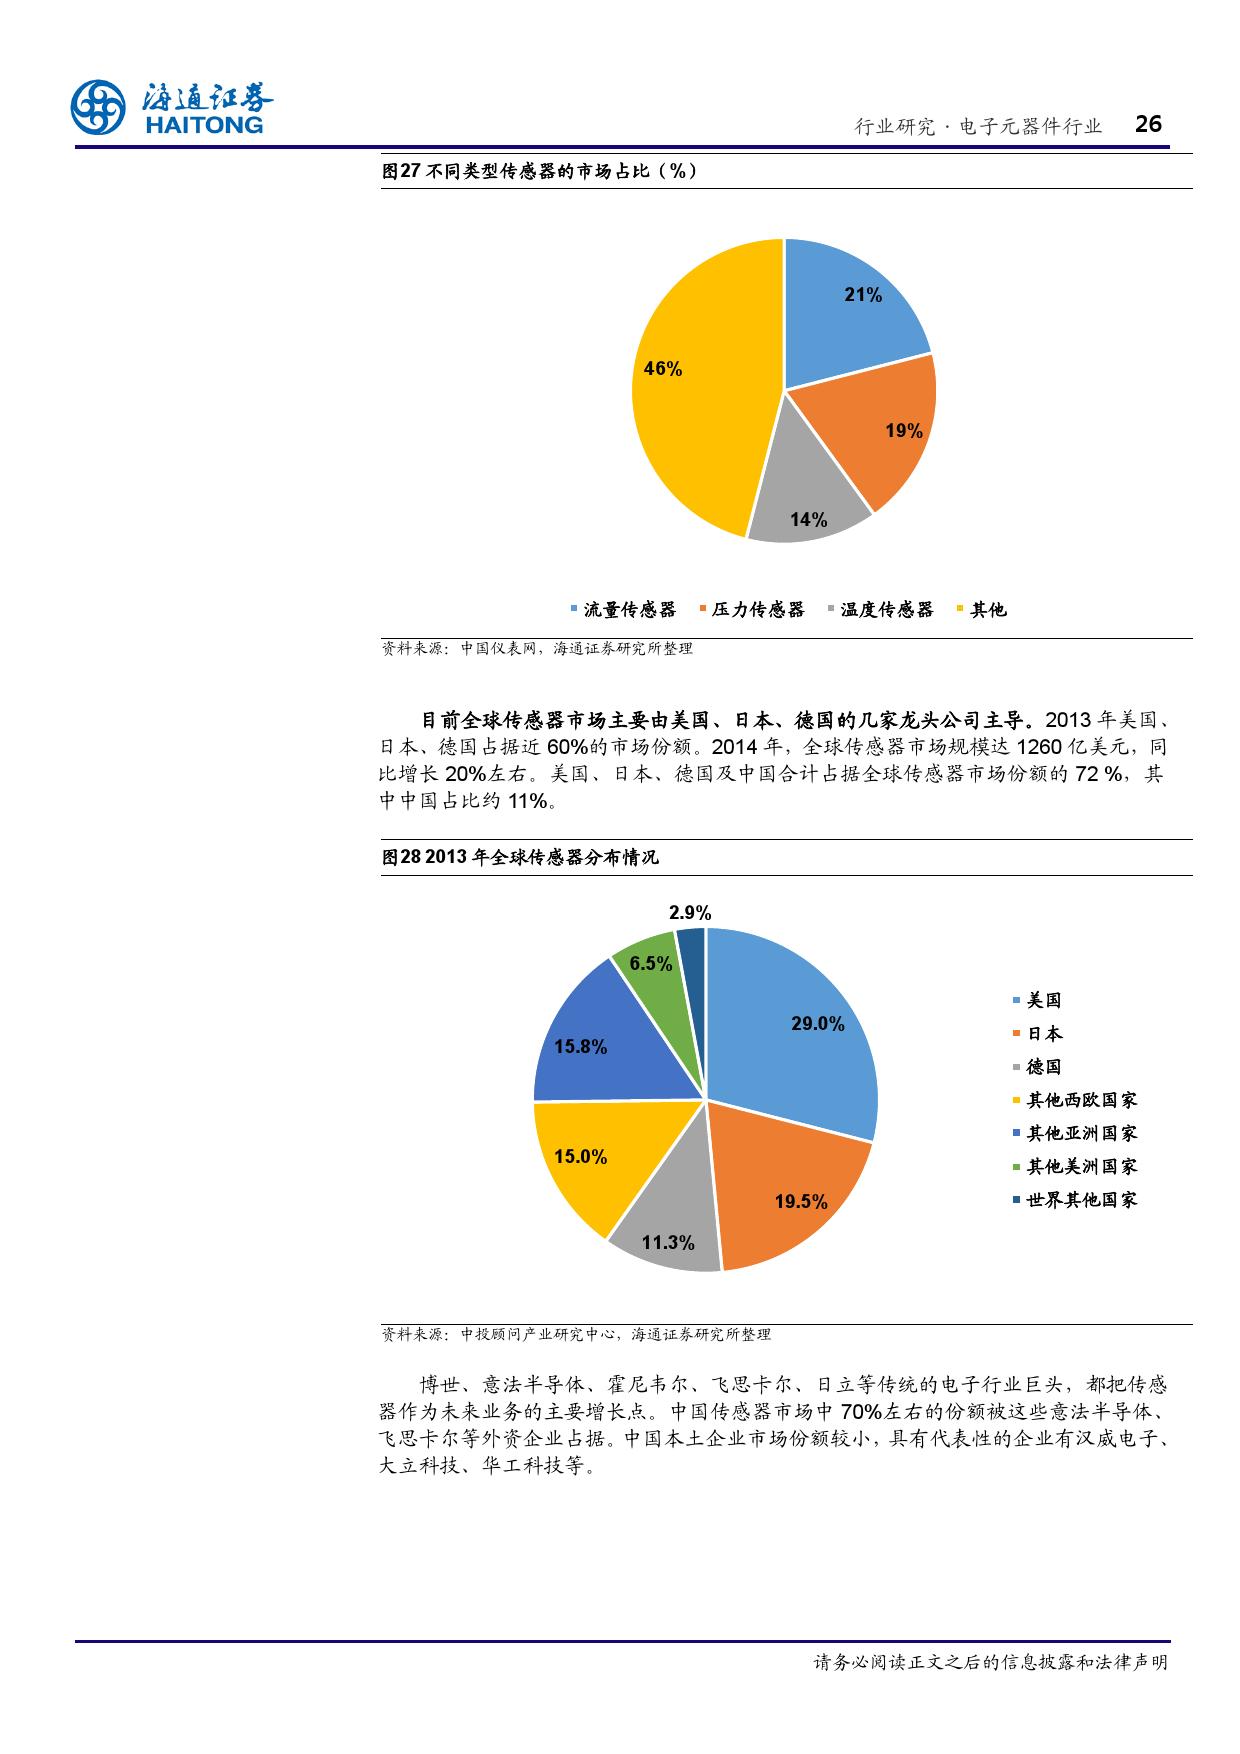 报告全解传感器全球产业链_000026